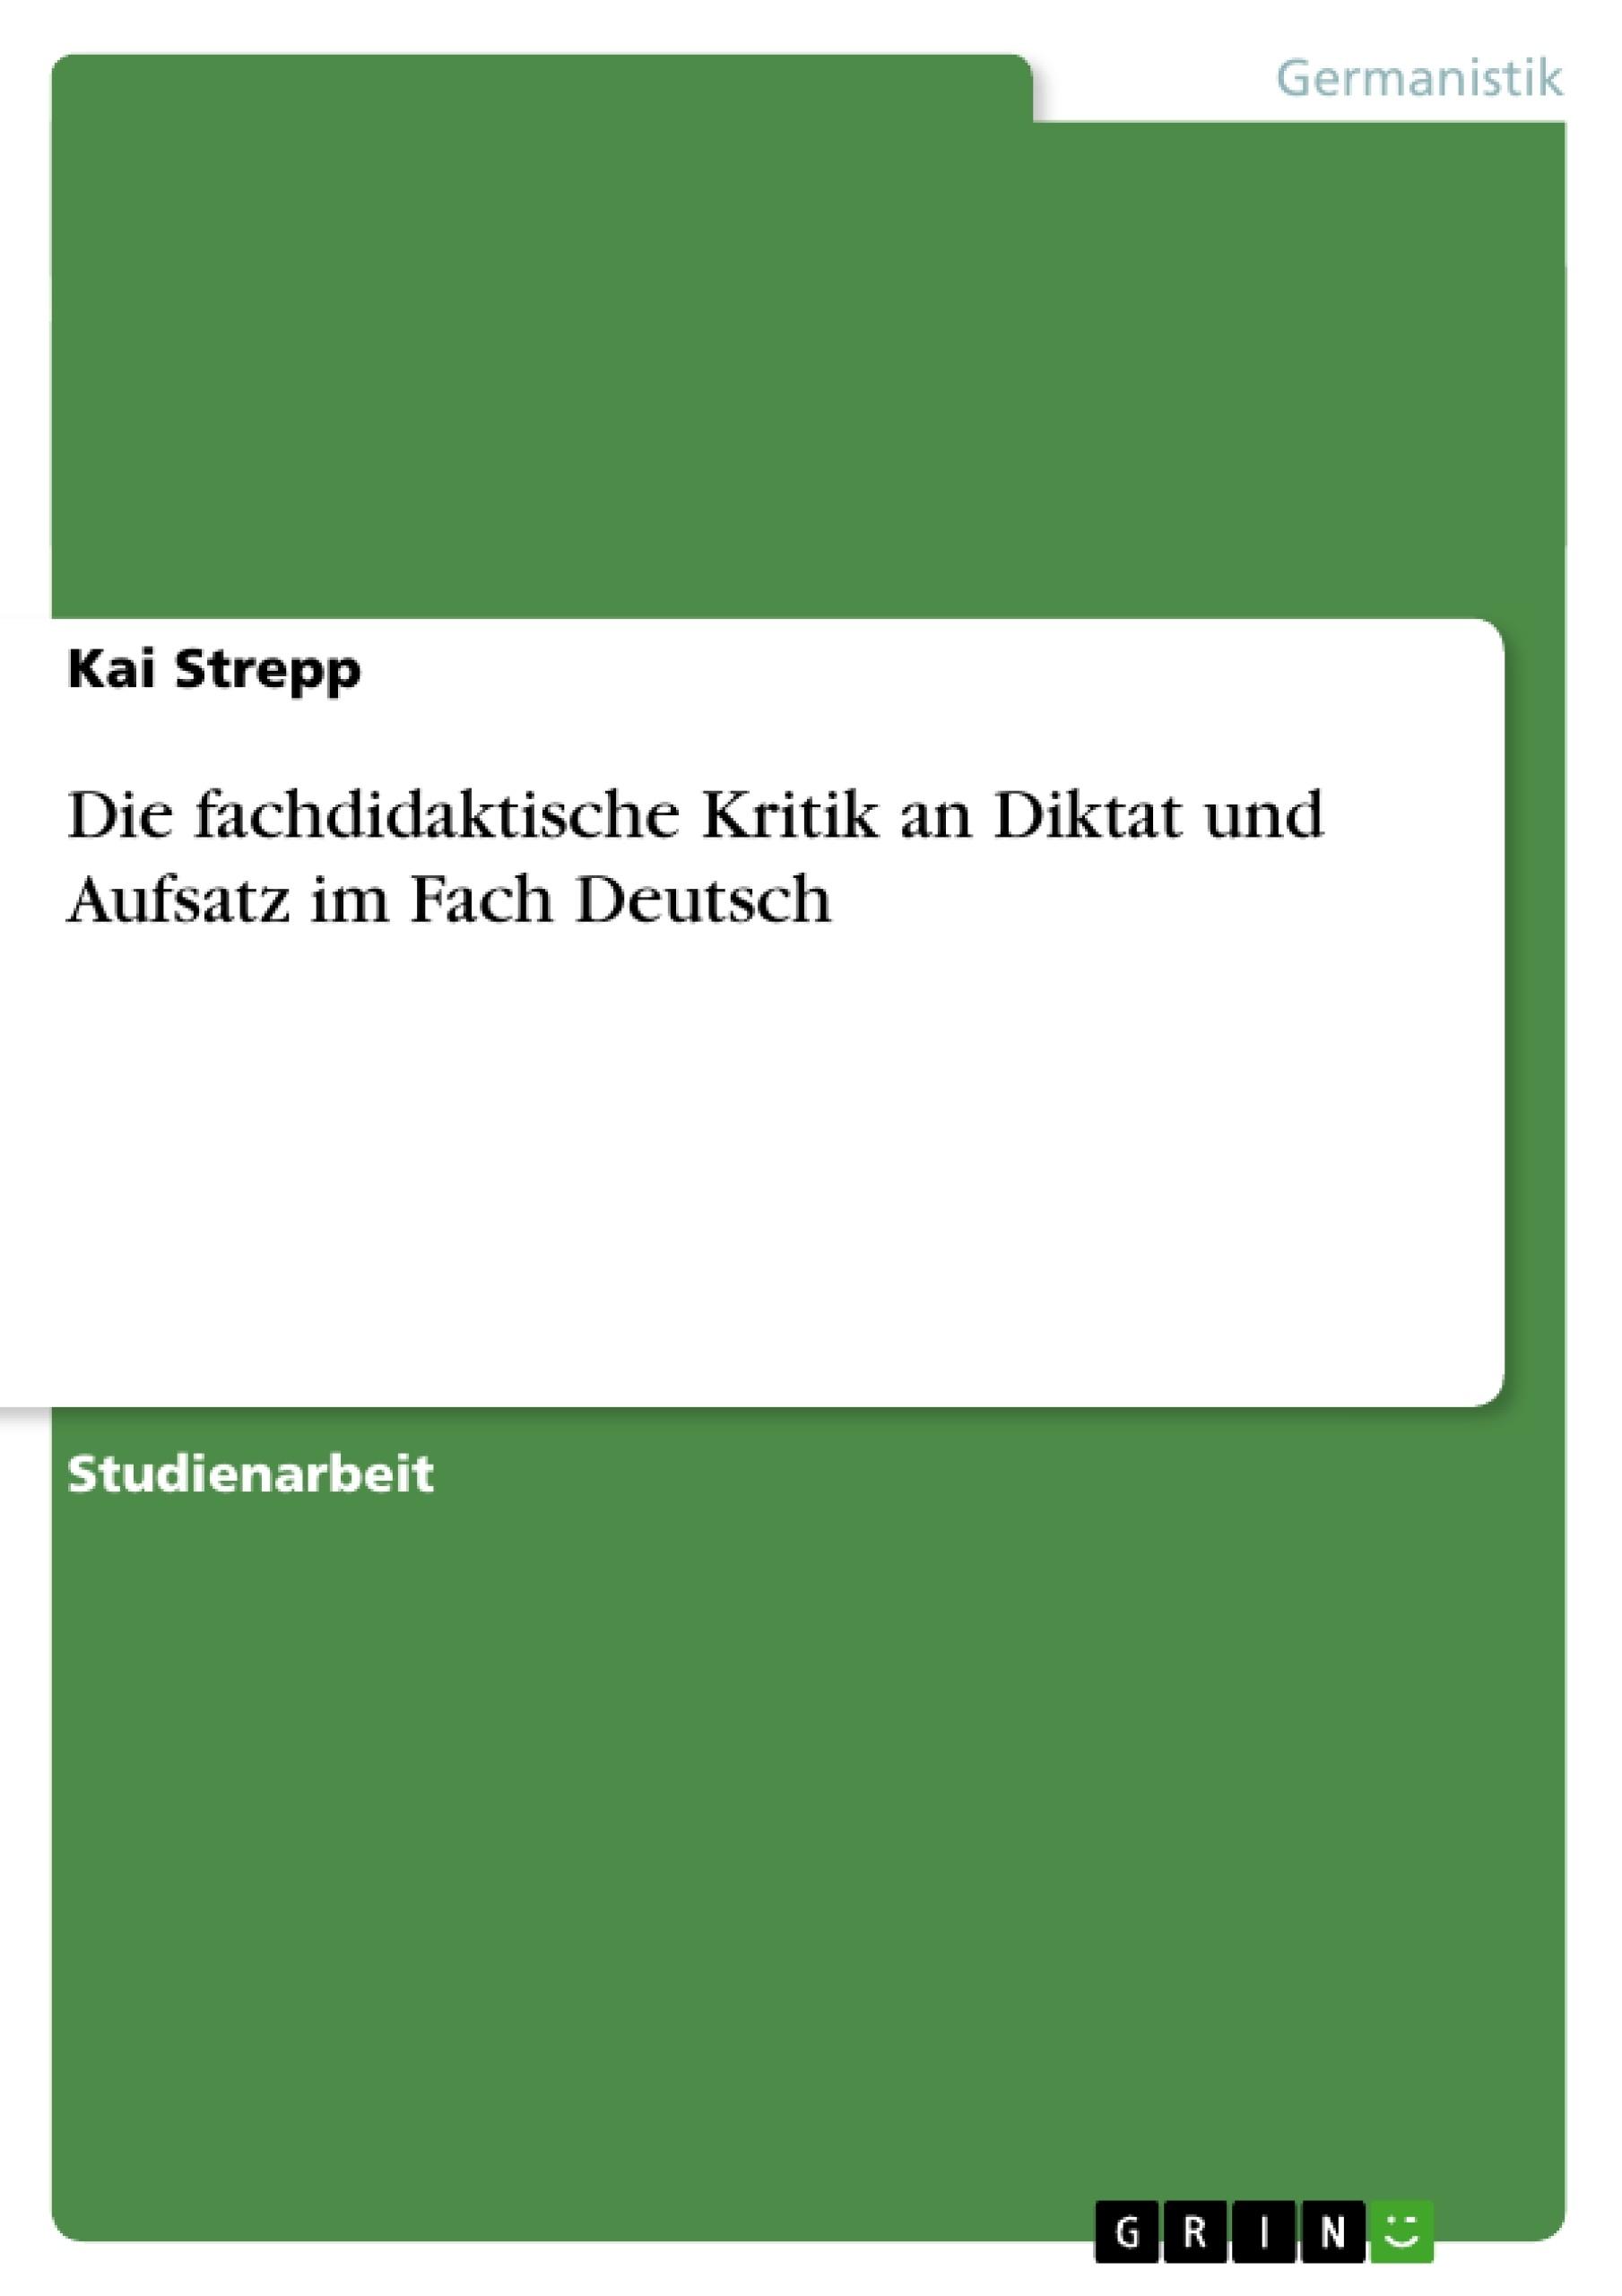 Titel: Die fachdidaktische Kritik an Diktat und Aufsatz im Fach Deutsch